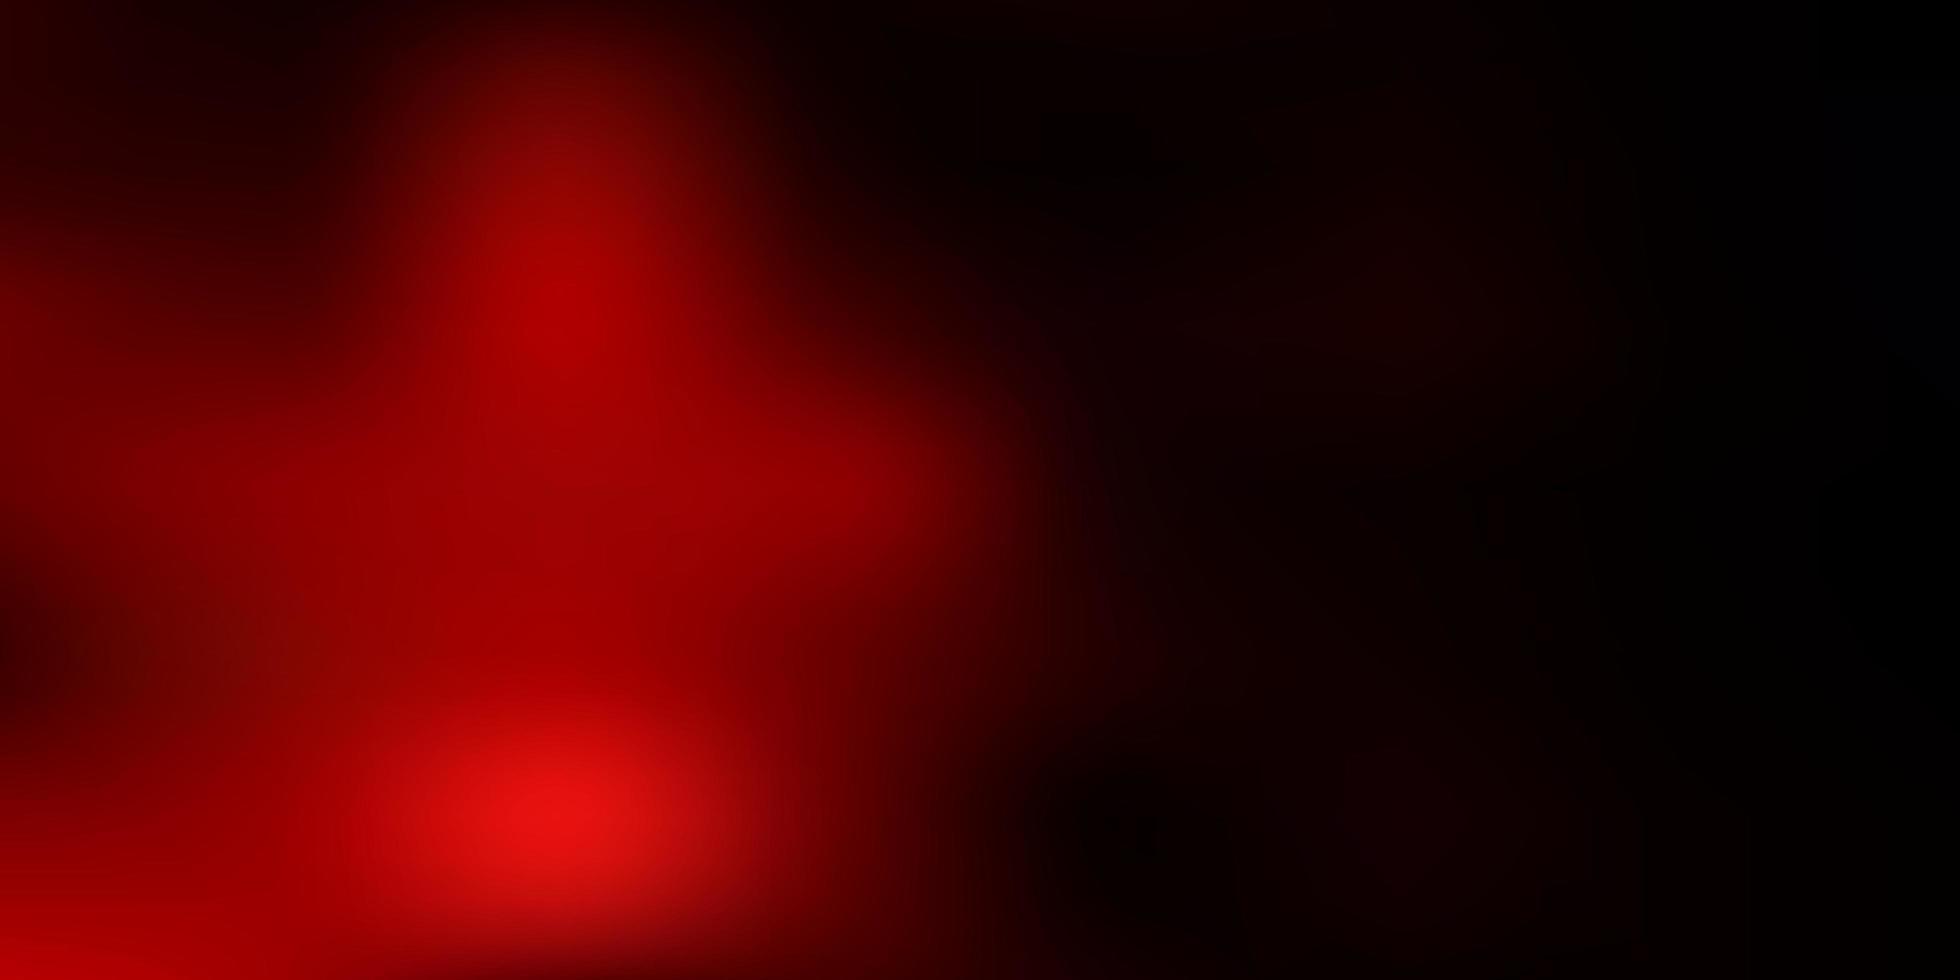 disegno di sfocatura sfumata vettoriale rosso scuro.